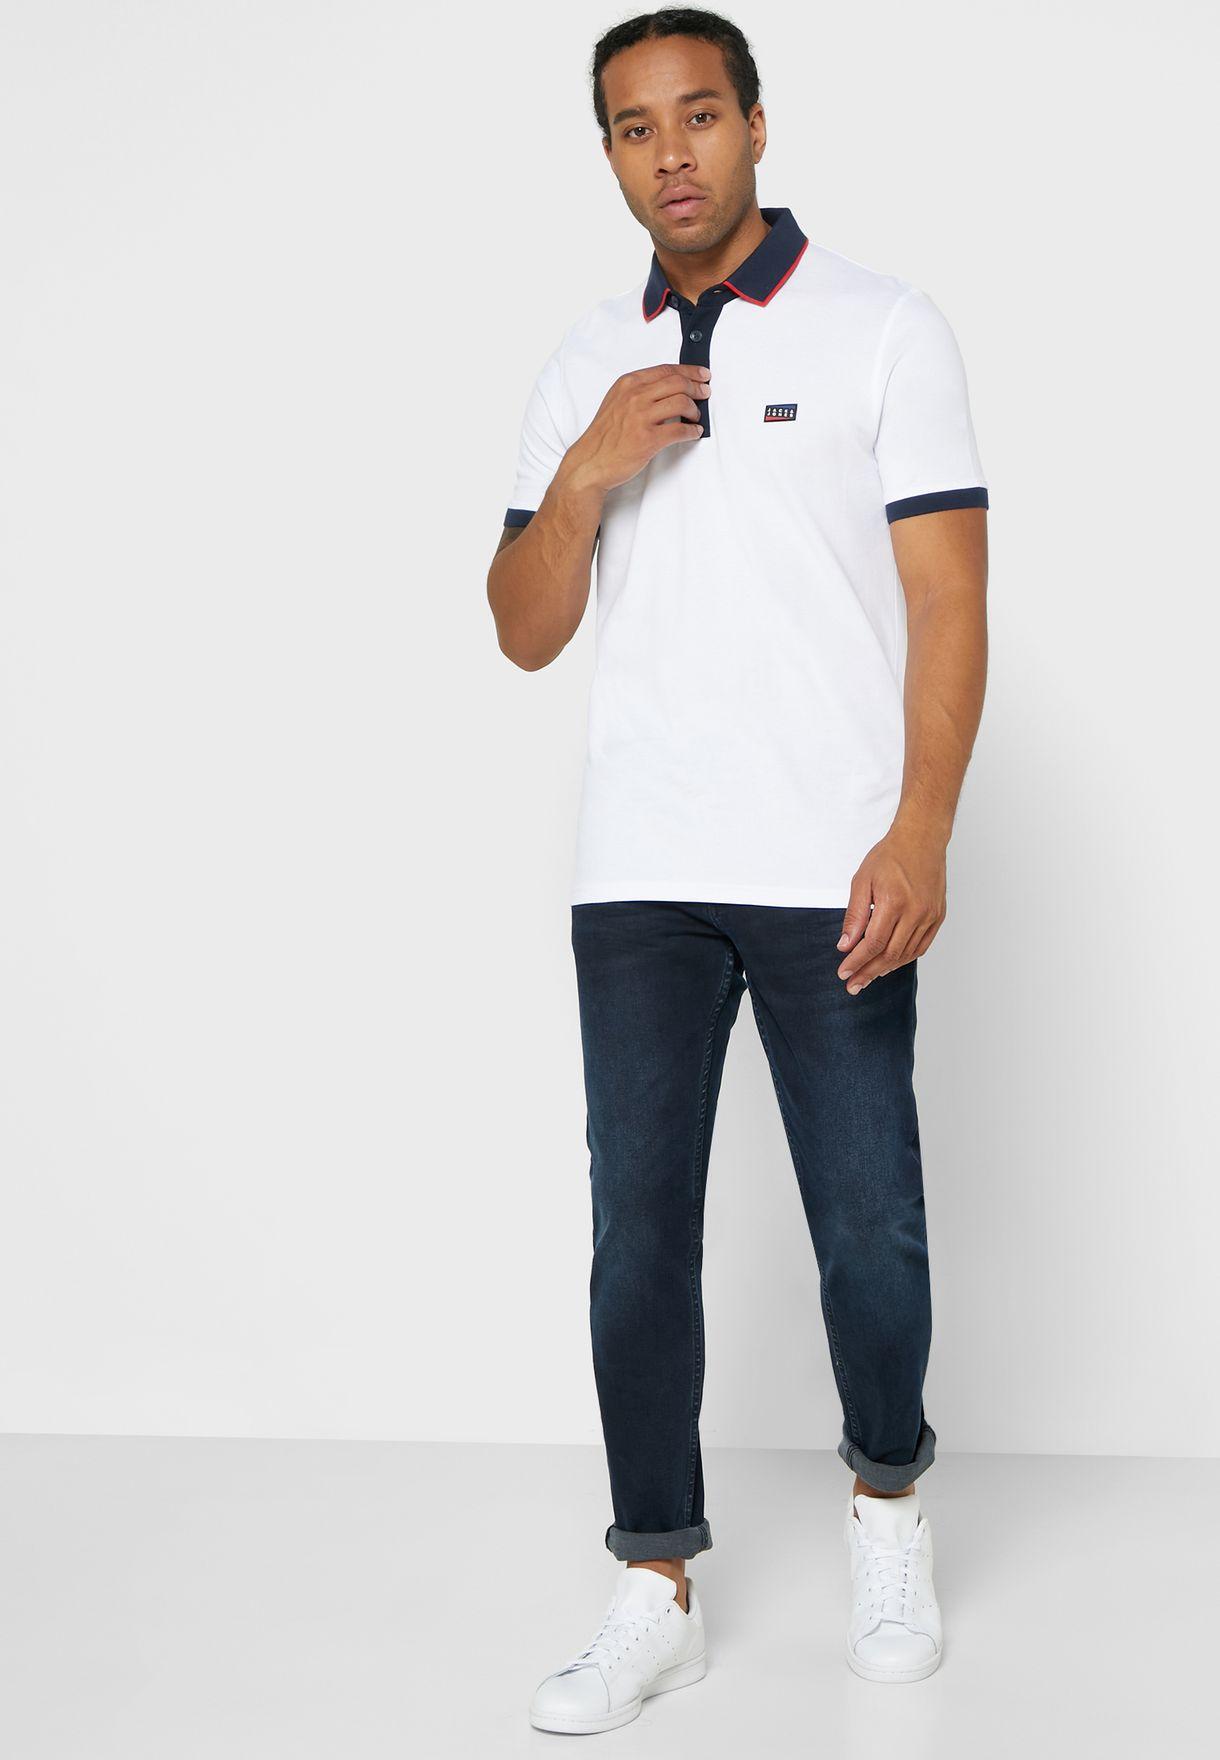 Charming Slim Fit Polo